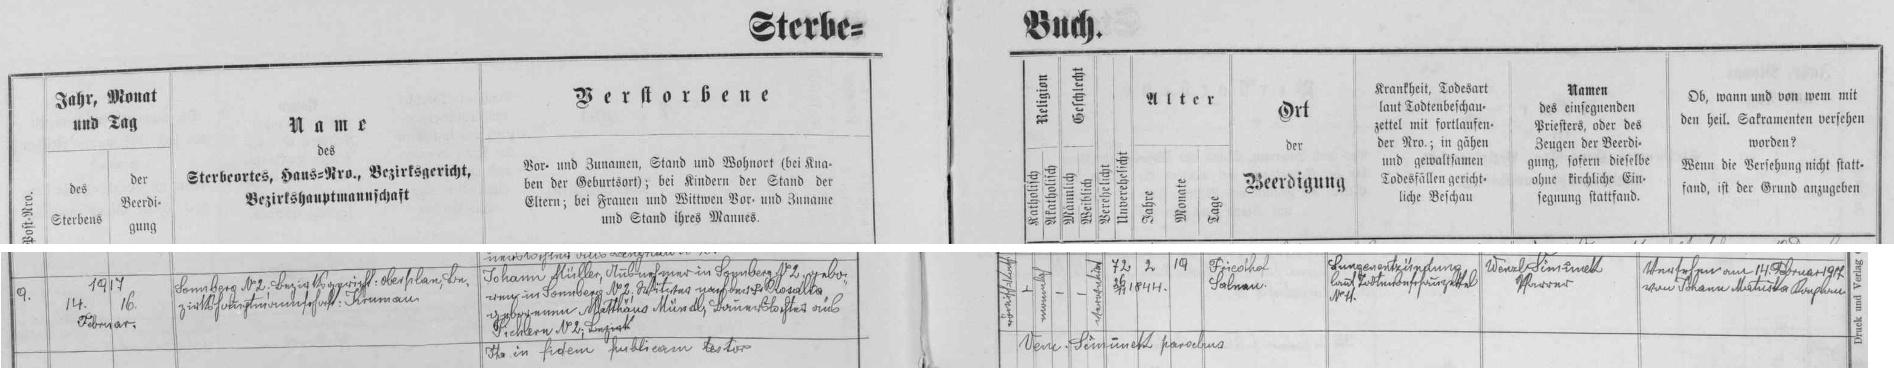 Více než dva roky před jeho narozením ve Slunečné čp. 2 tu podle úmrtní matriky farní obce Želnava skonal na zápal plic výminkář Johann Müller, narozený rovněž na této usedlosti čp. 2, jinak vdovec po Rosalii, roz. Mündlové, dceři Matthäuse Mündla z Pihlova čp. 2 - nebožtík Johann Müller byl pochován na želnavském hřbitově